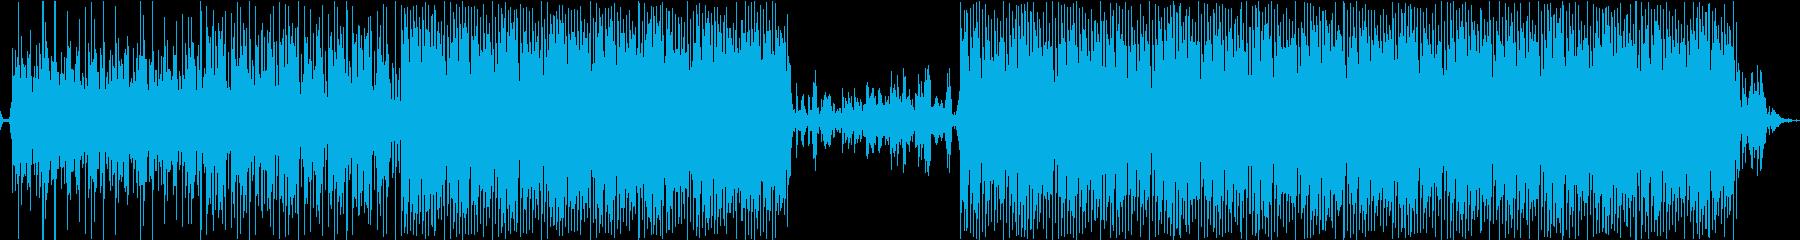 民謡 ポジティブ 明るい 電気ピア...の再生済みの波形